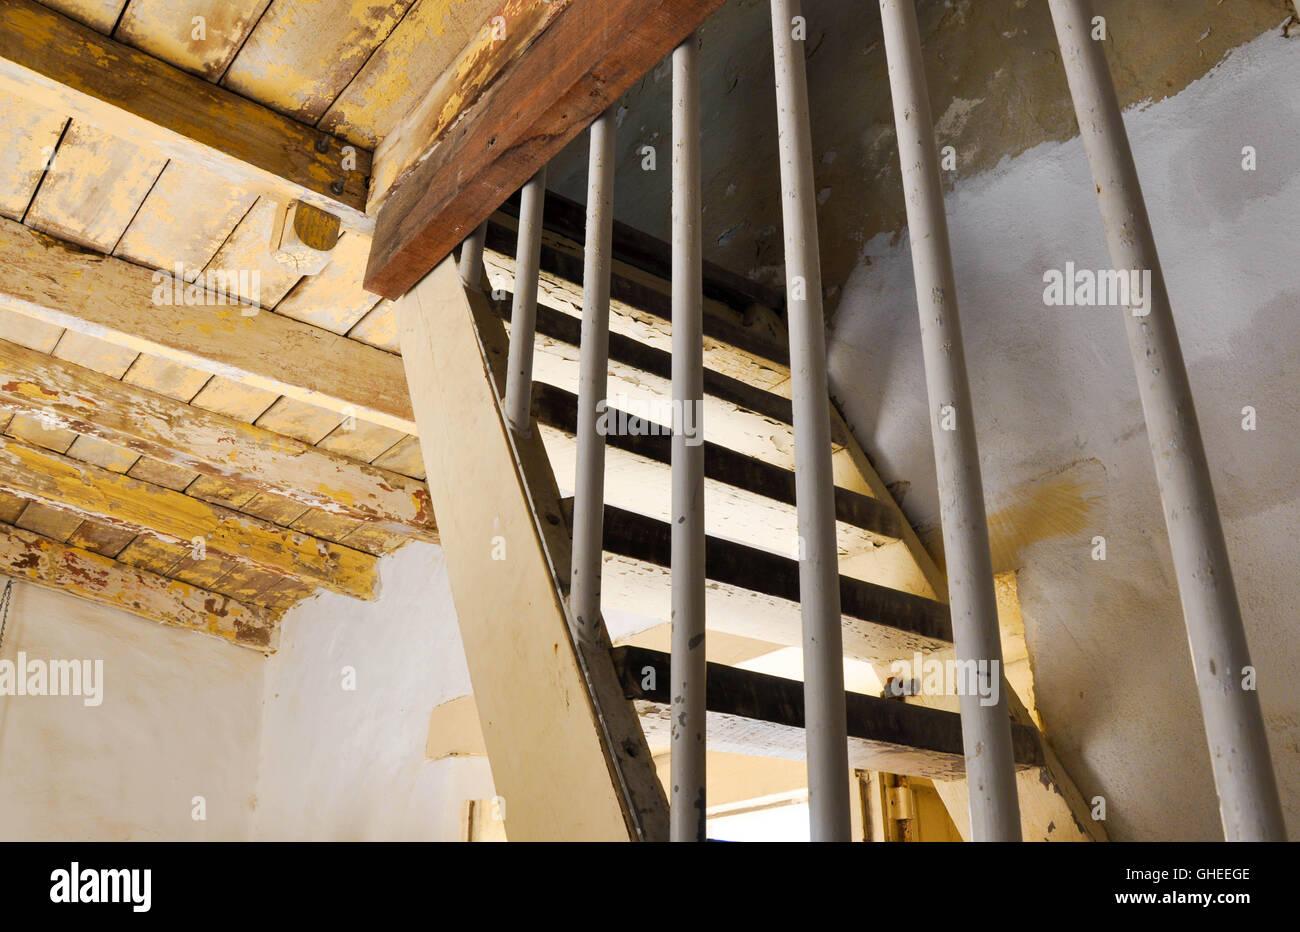 Bekannt Alte rustikale Holzdecke mit steile Treppe in den historischen GE98